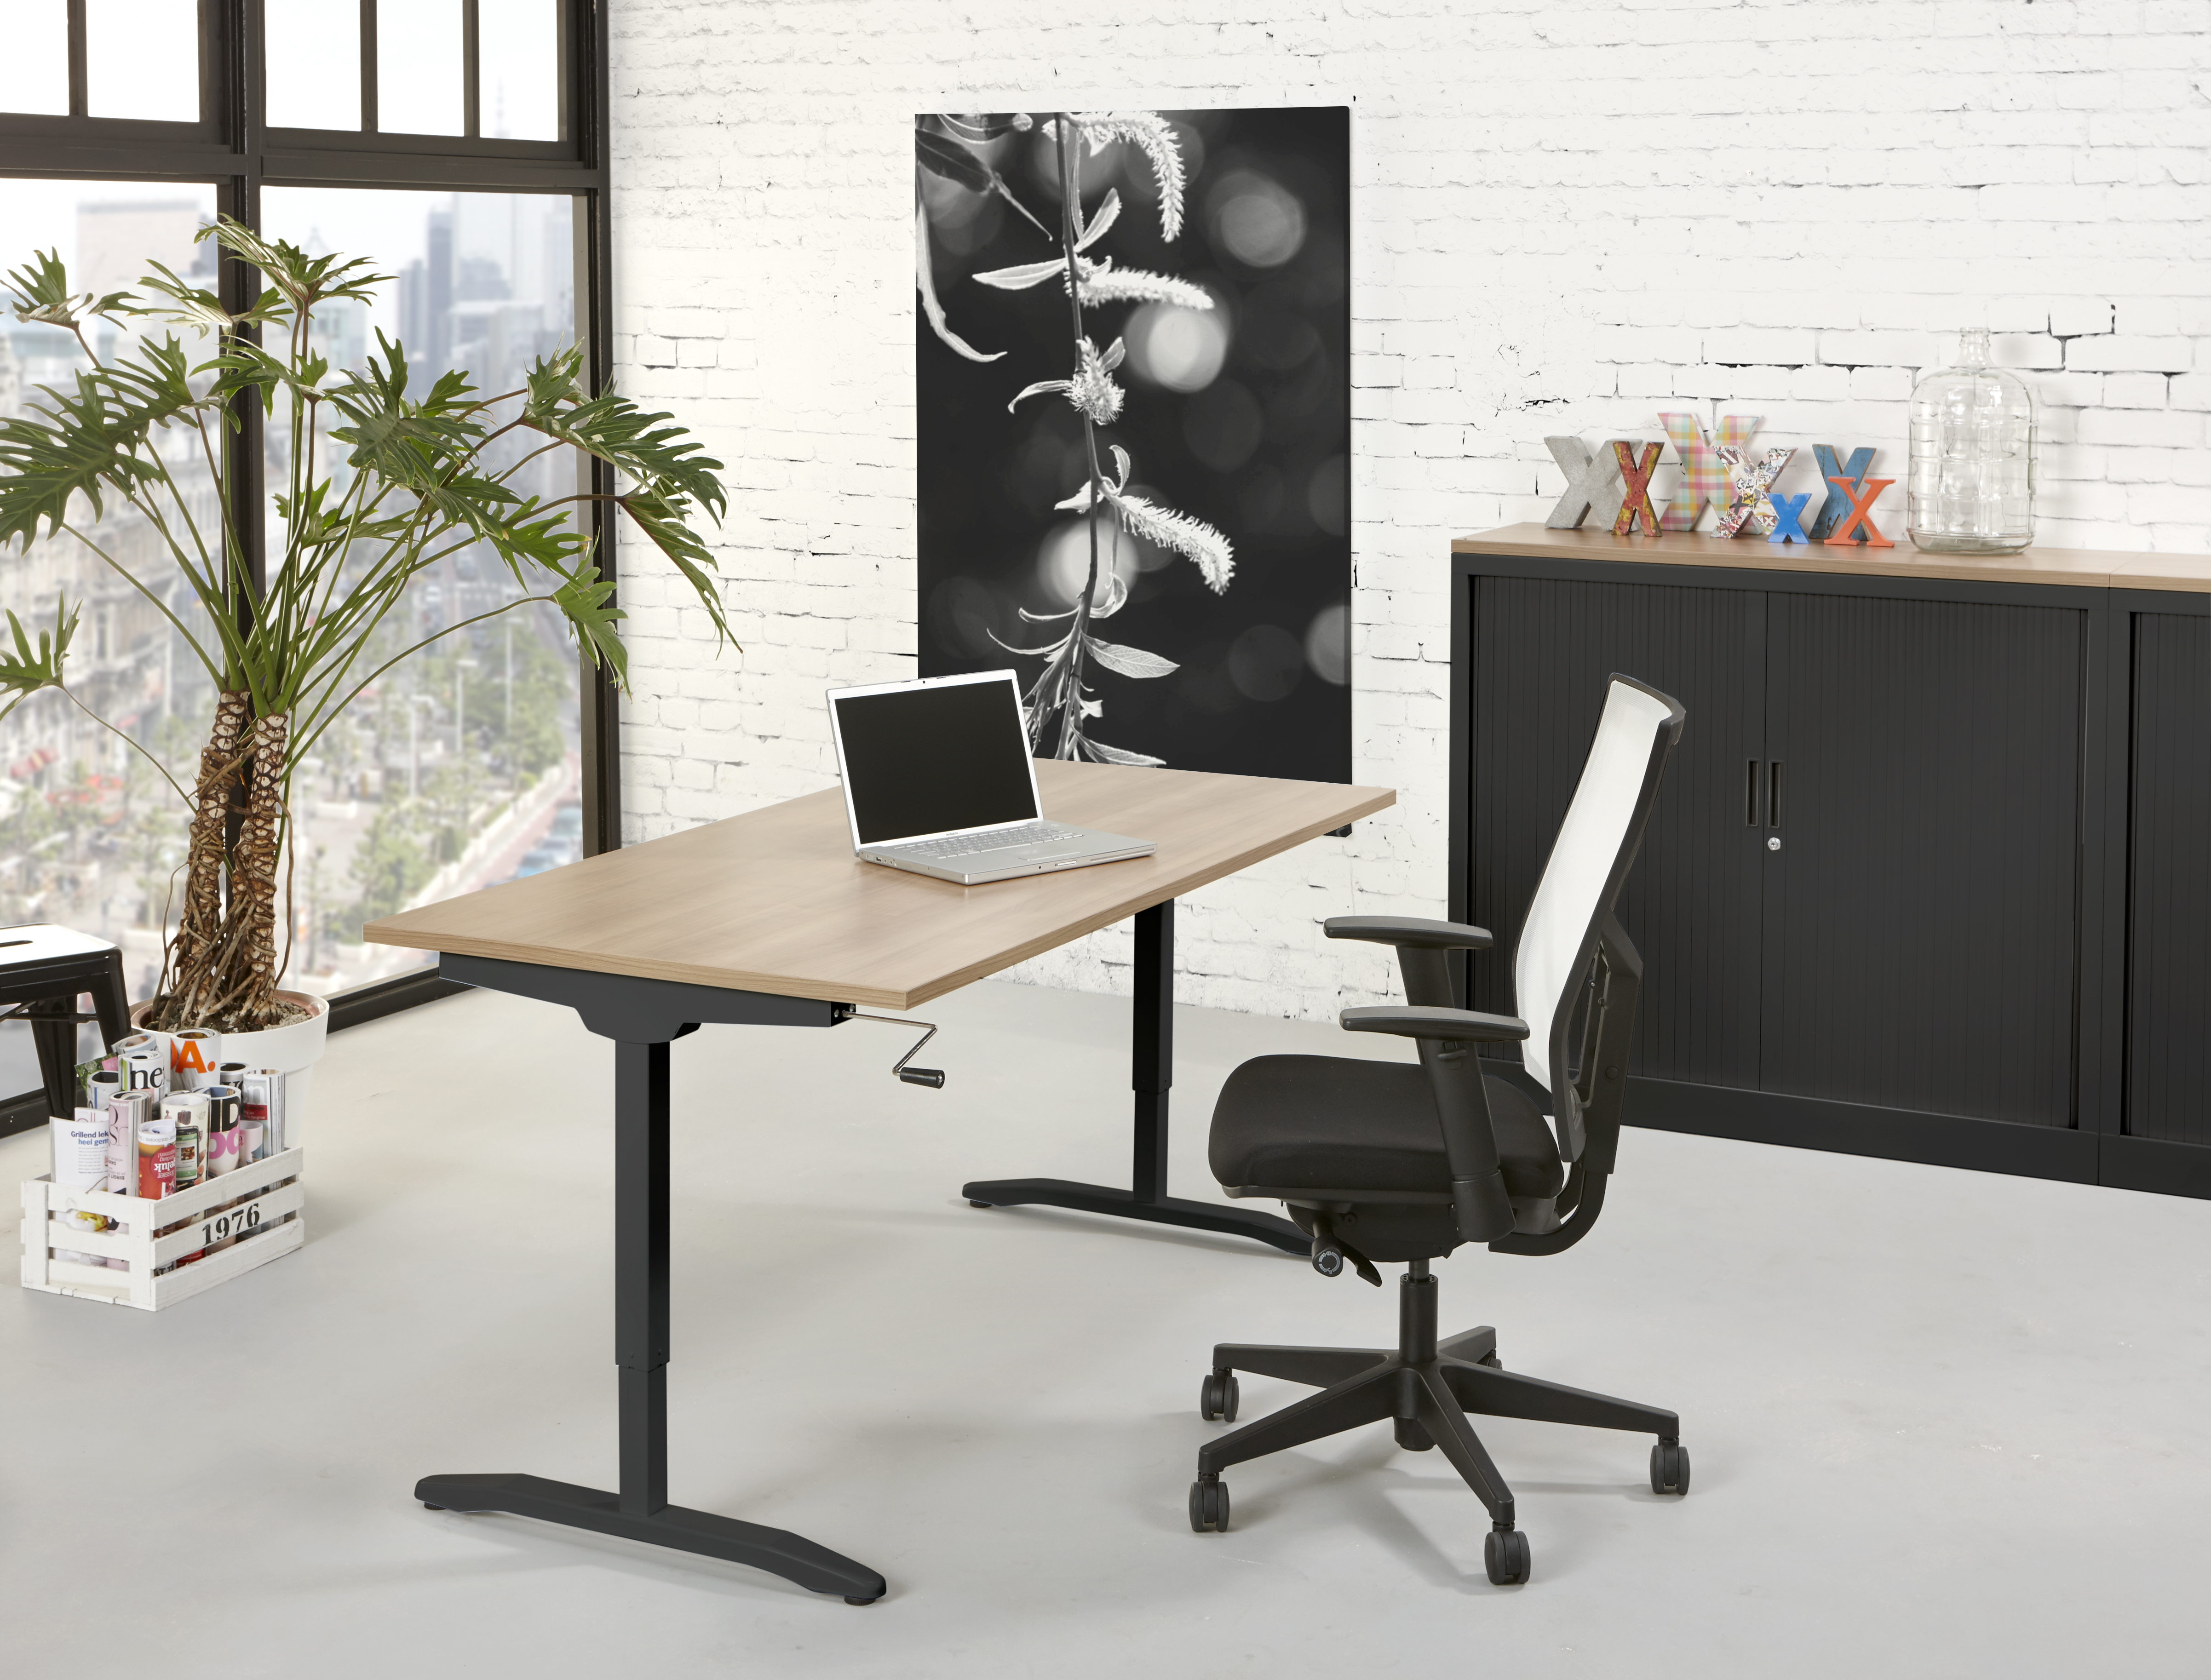 bureau slinger 120x80cm havanna. Black Bedroom Furniture Sets. Home Design Ideas